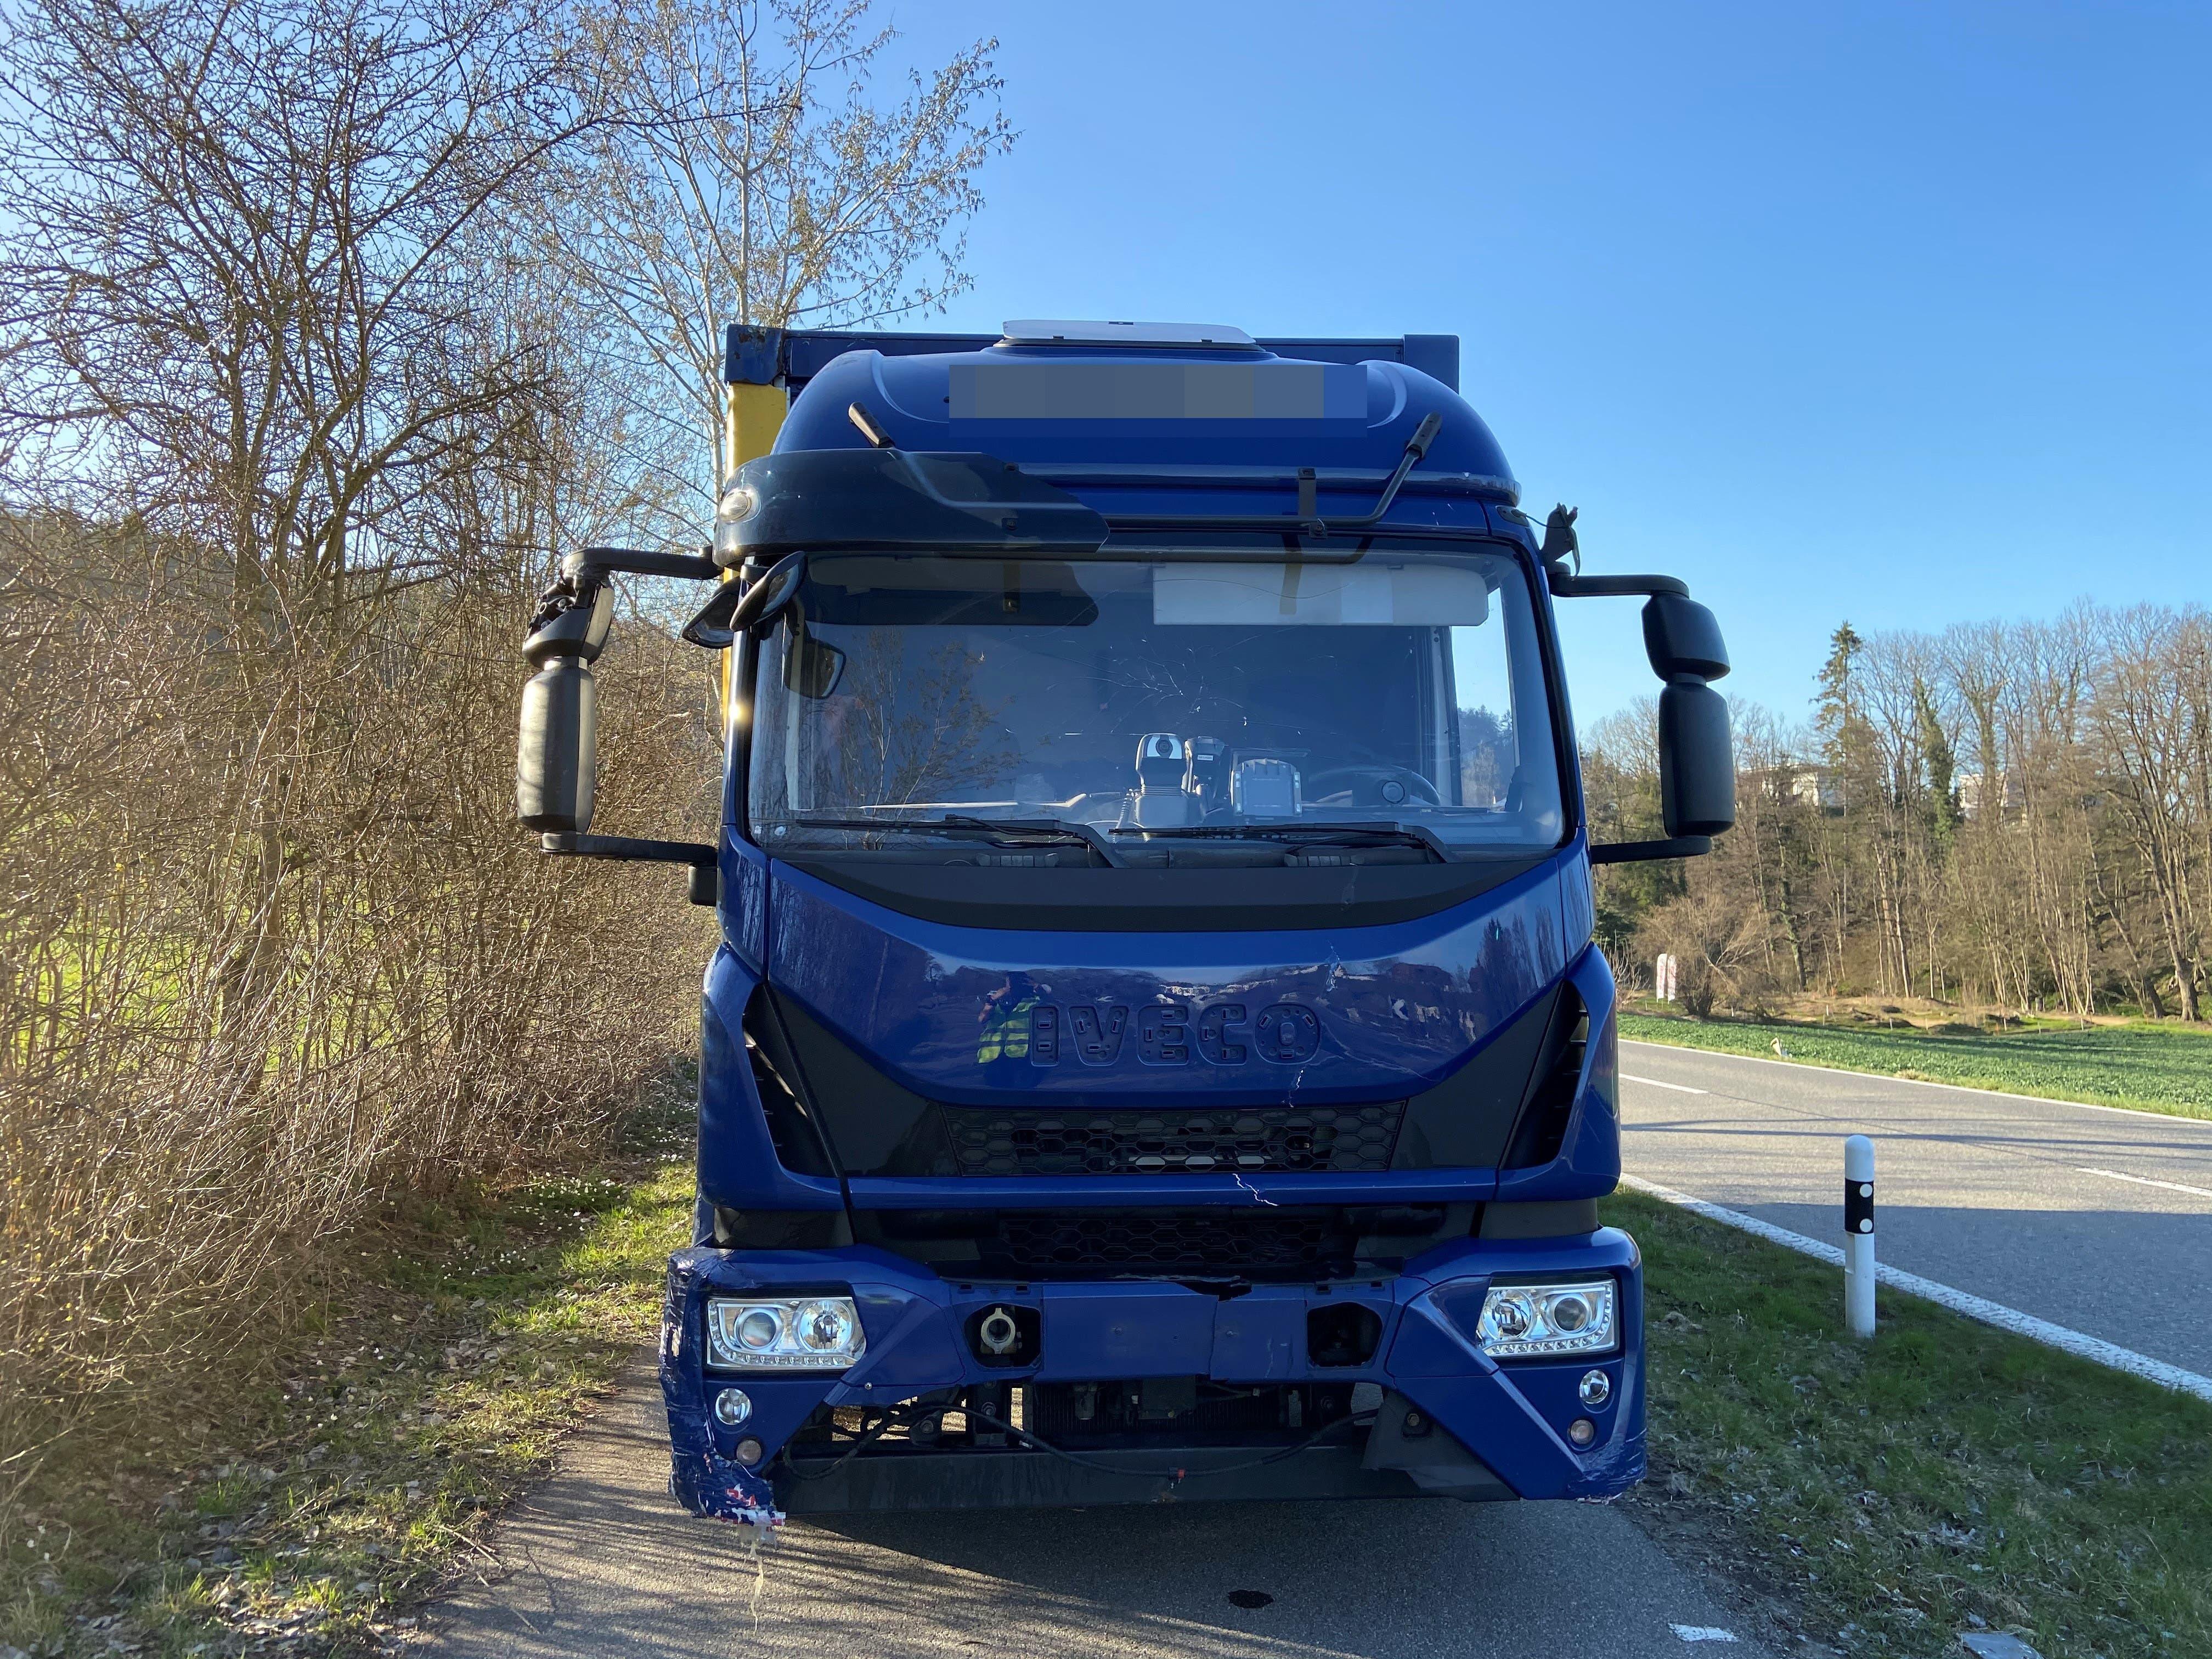 Villmergen (AG), 30. März: Ein Lastwagenchauffeur aus Slowenien kommt von der Strasse ab und baut mehrere Unfälle. Er war betrunken und musste den Führerschein abgeben.